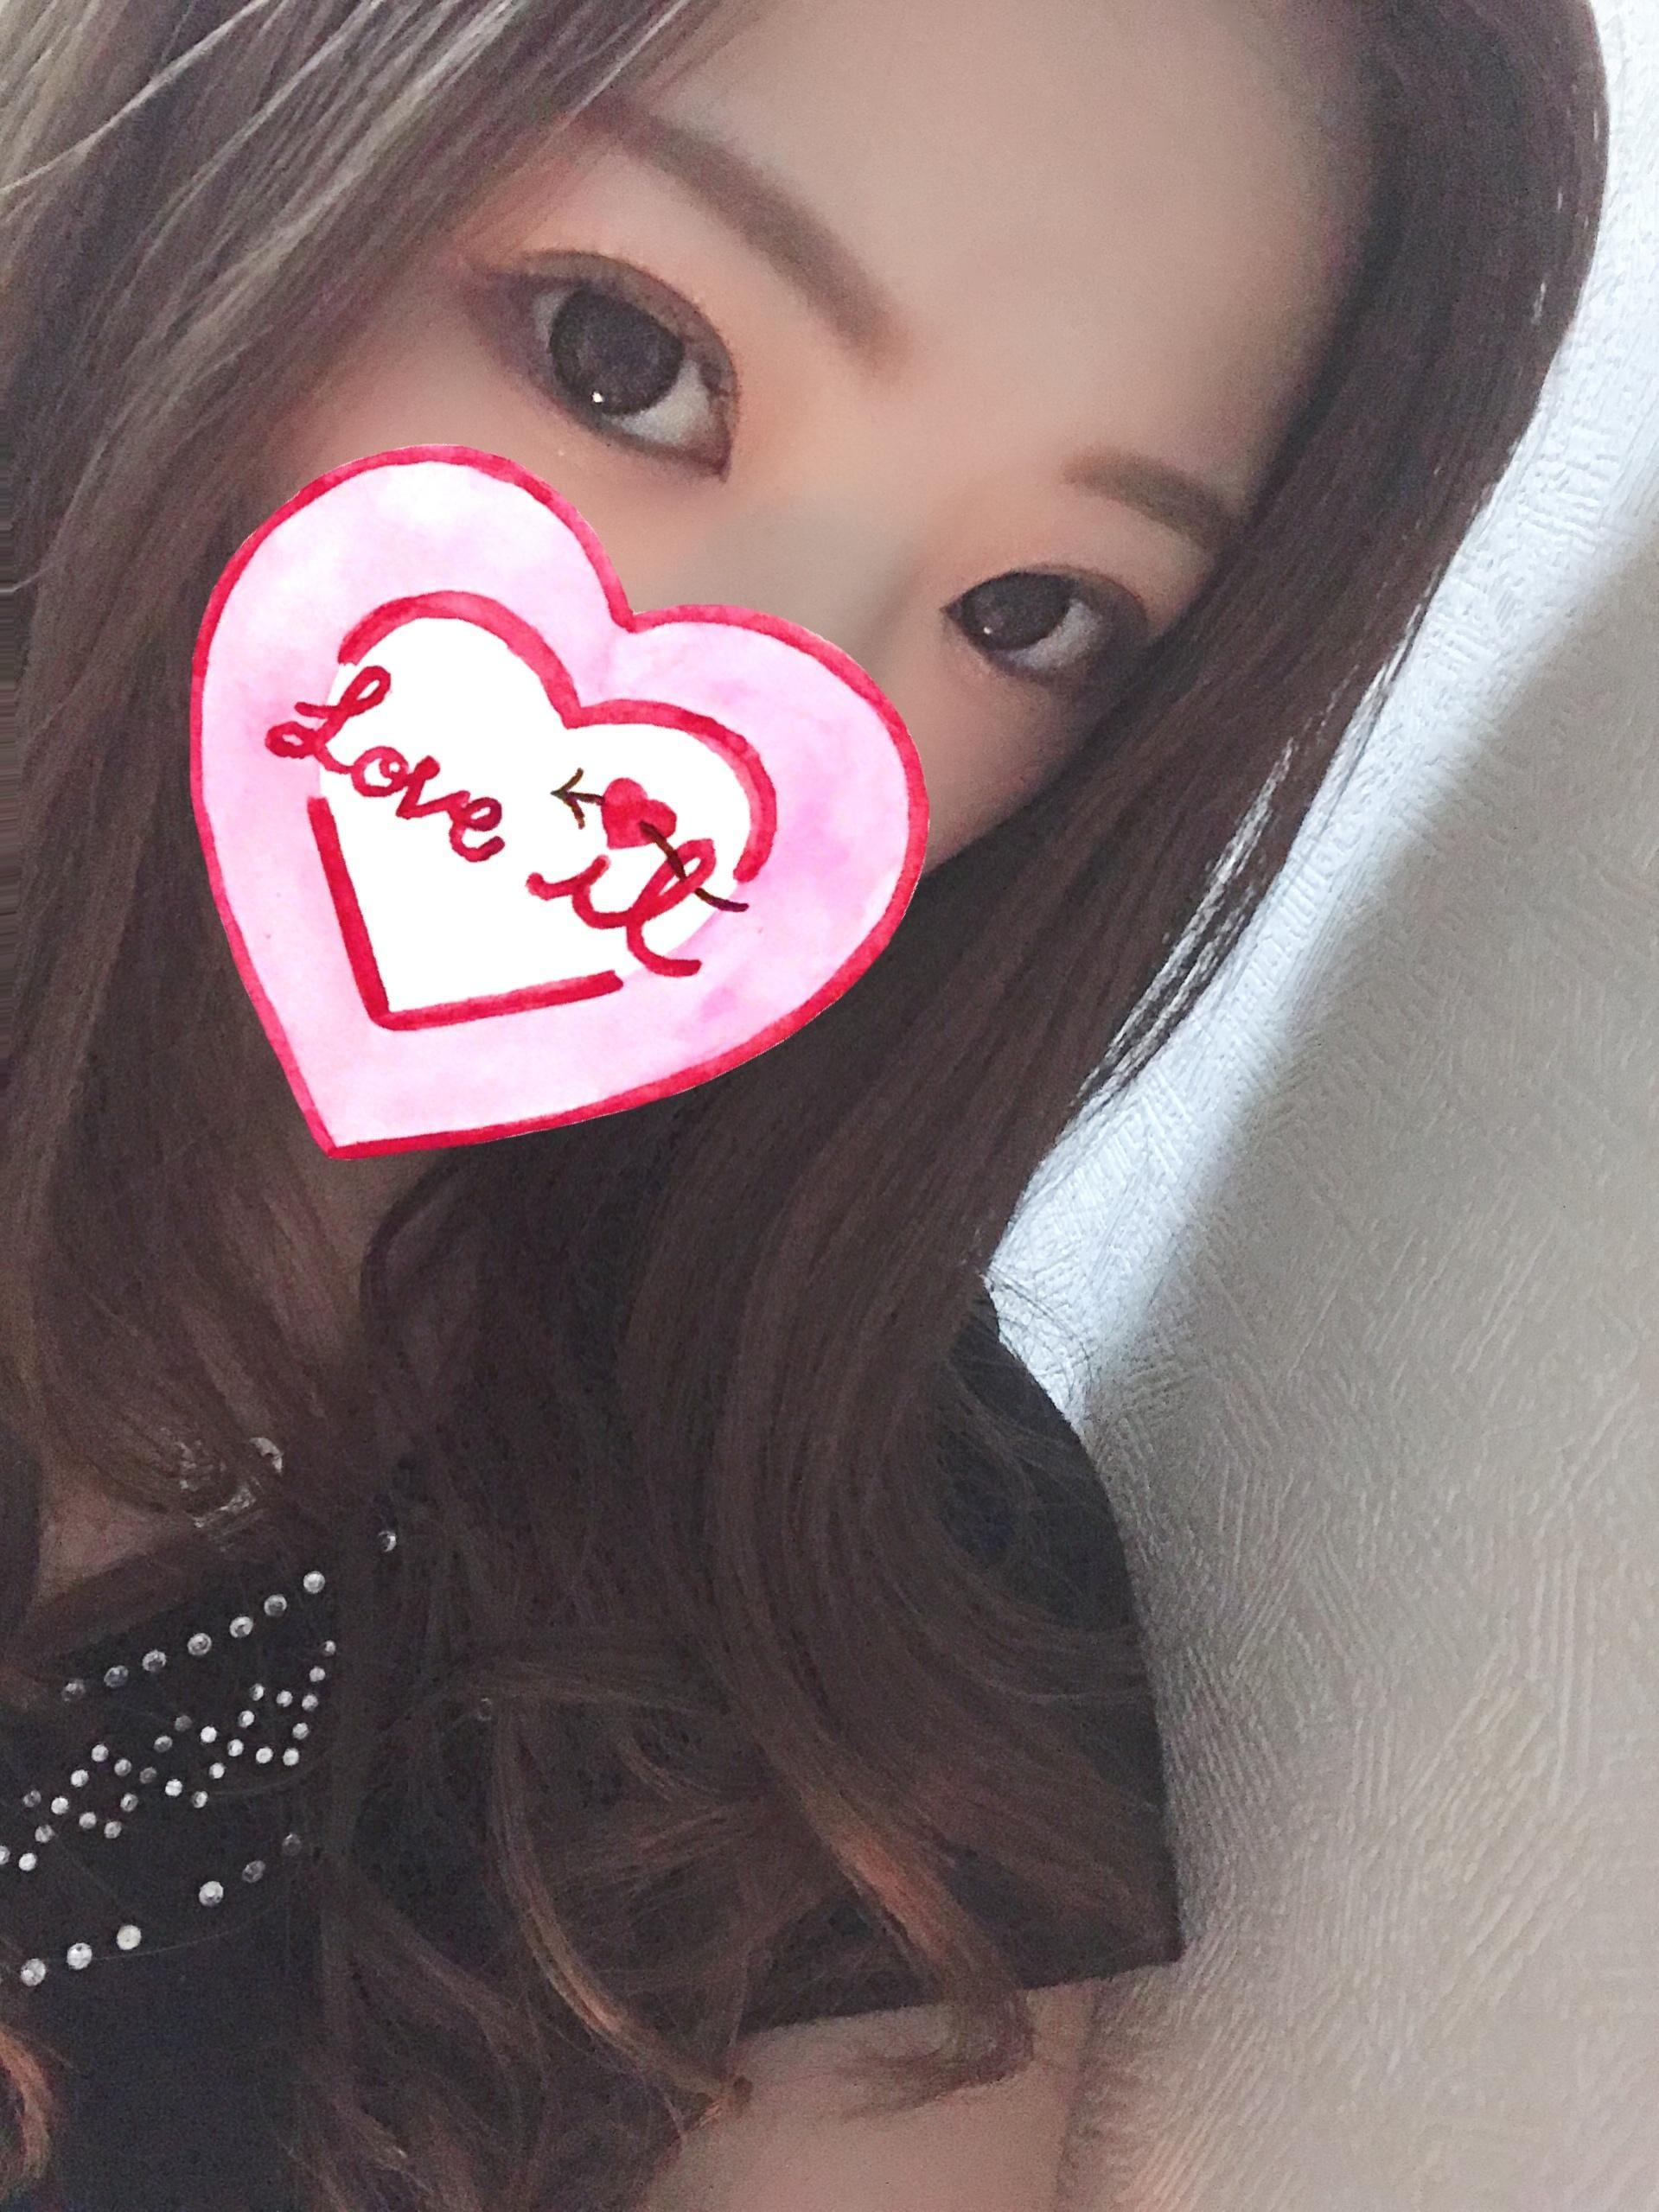 「今日も」01/12(土) 18:21 | 藤崎 あんりの写メ・風俗動画